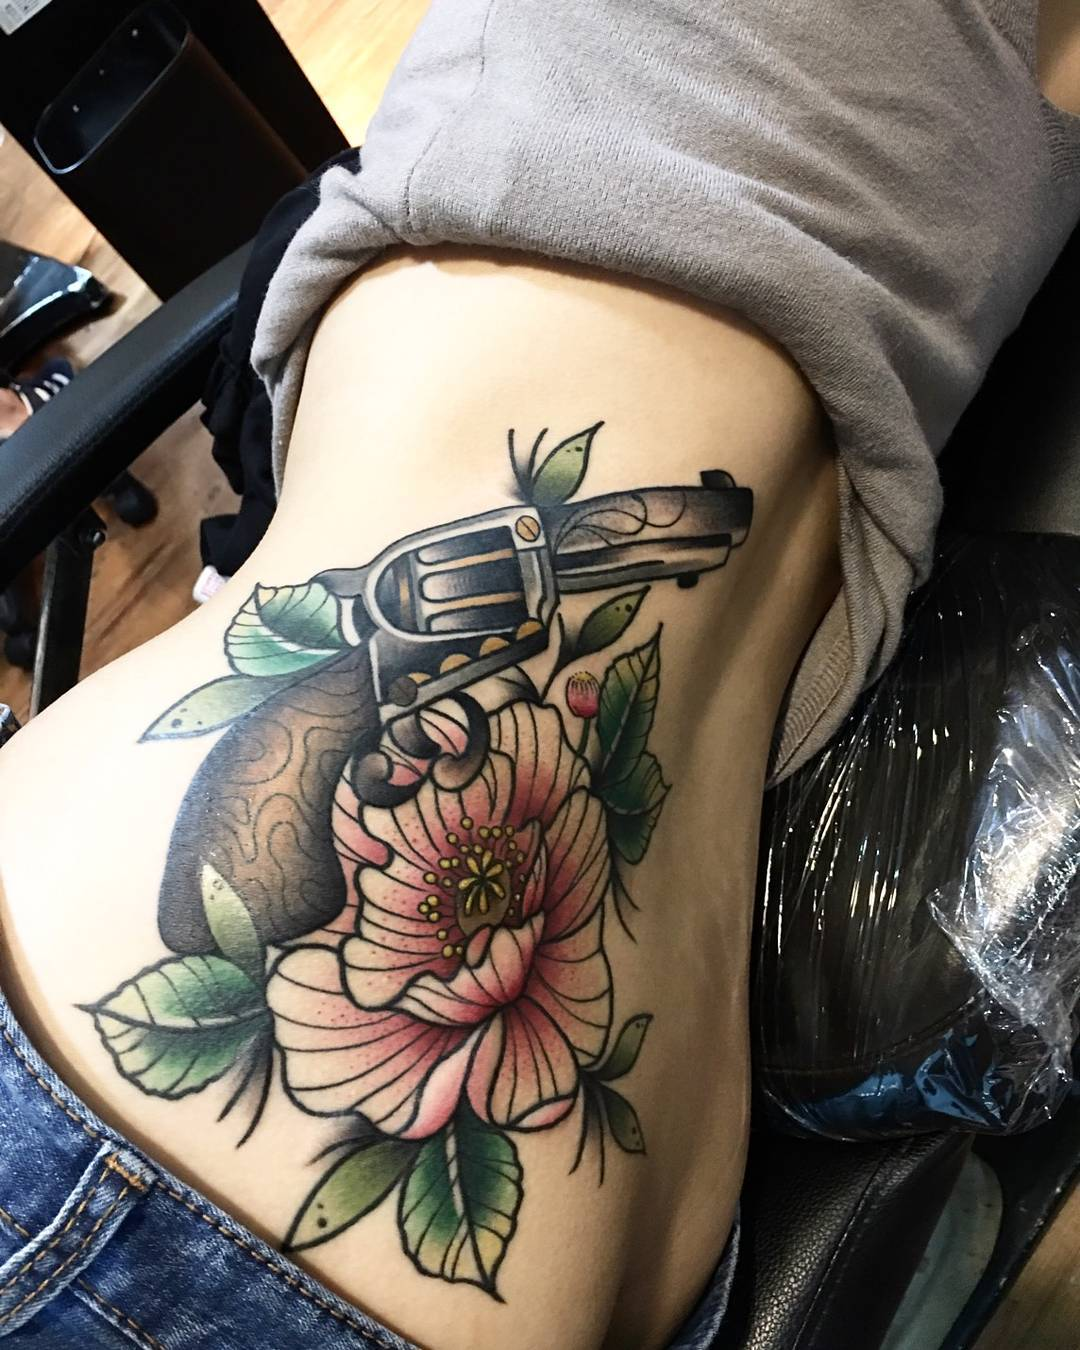 Татуировки на боку для девушек цветы фото